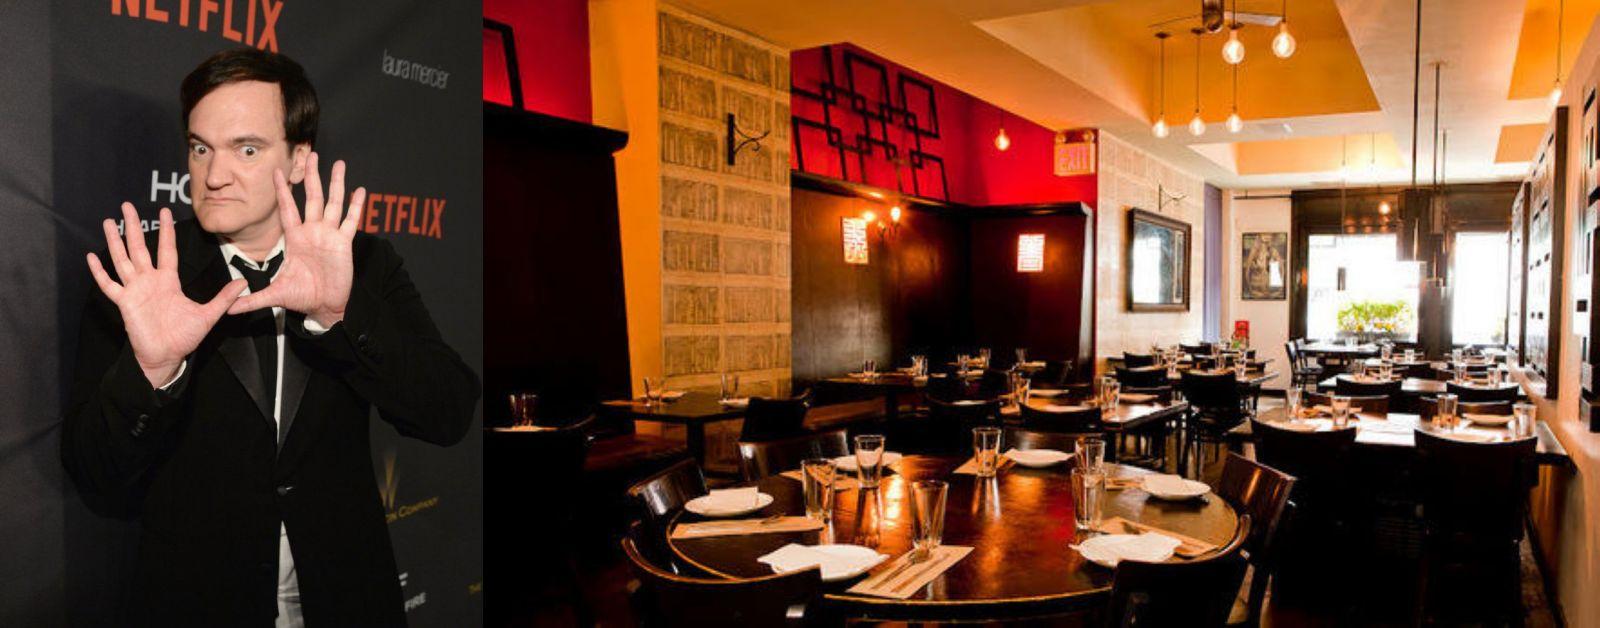 ТОП-10 звезд, которые открыли свои рестораны: Do Hwa